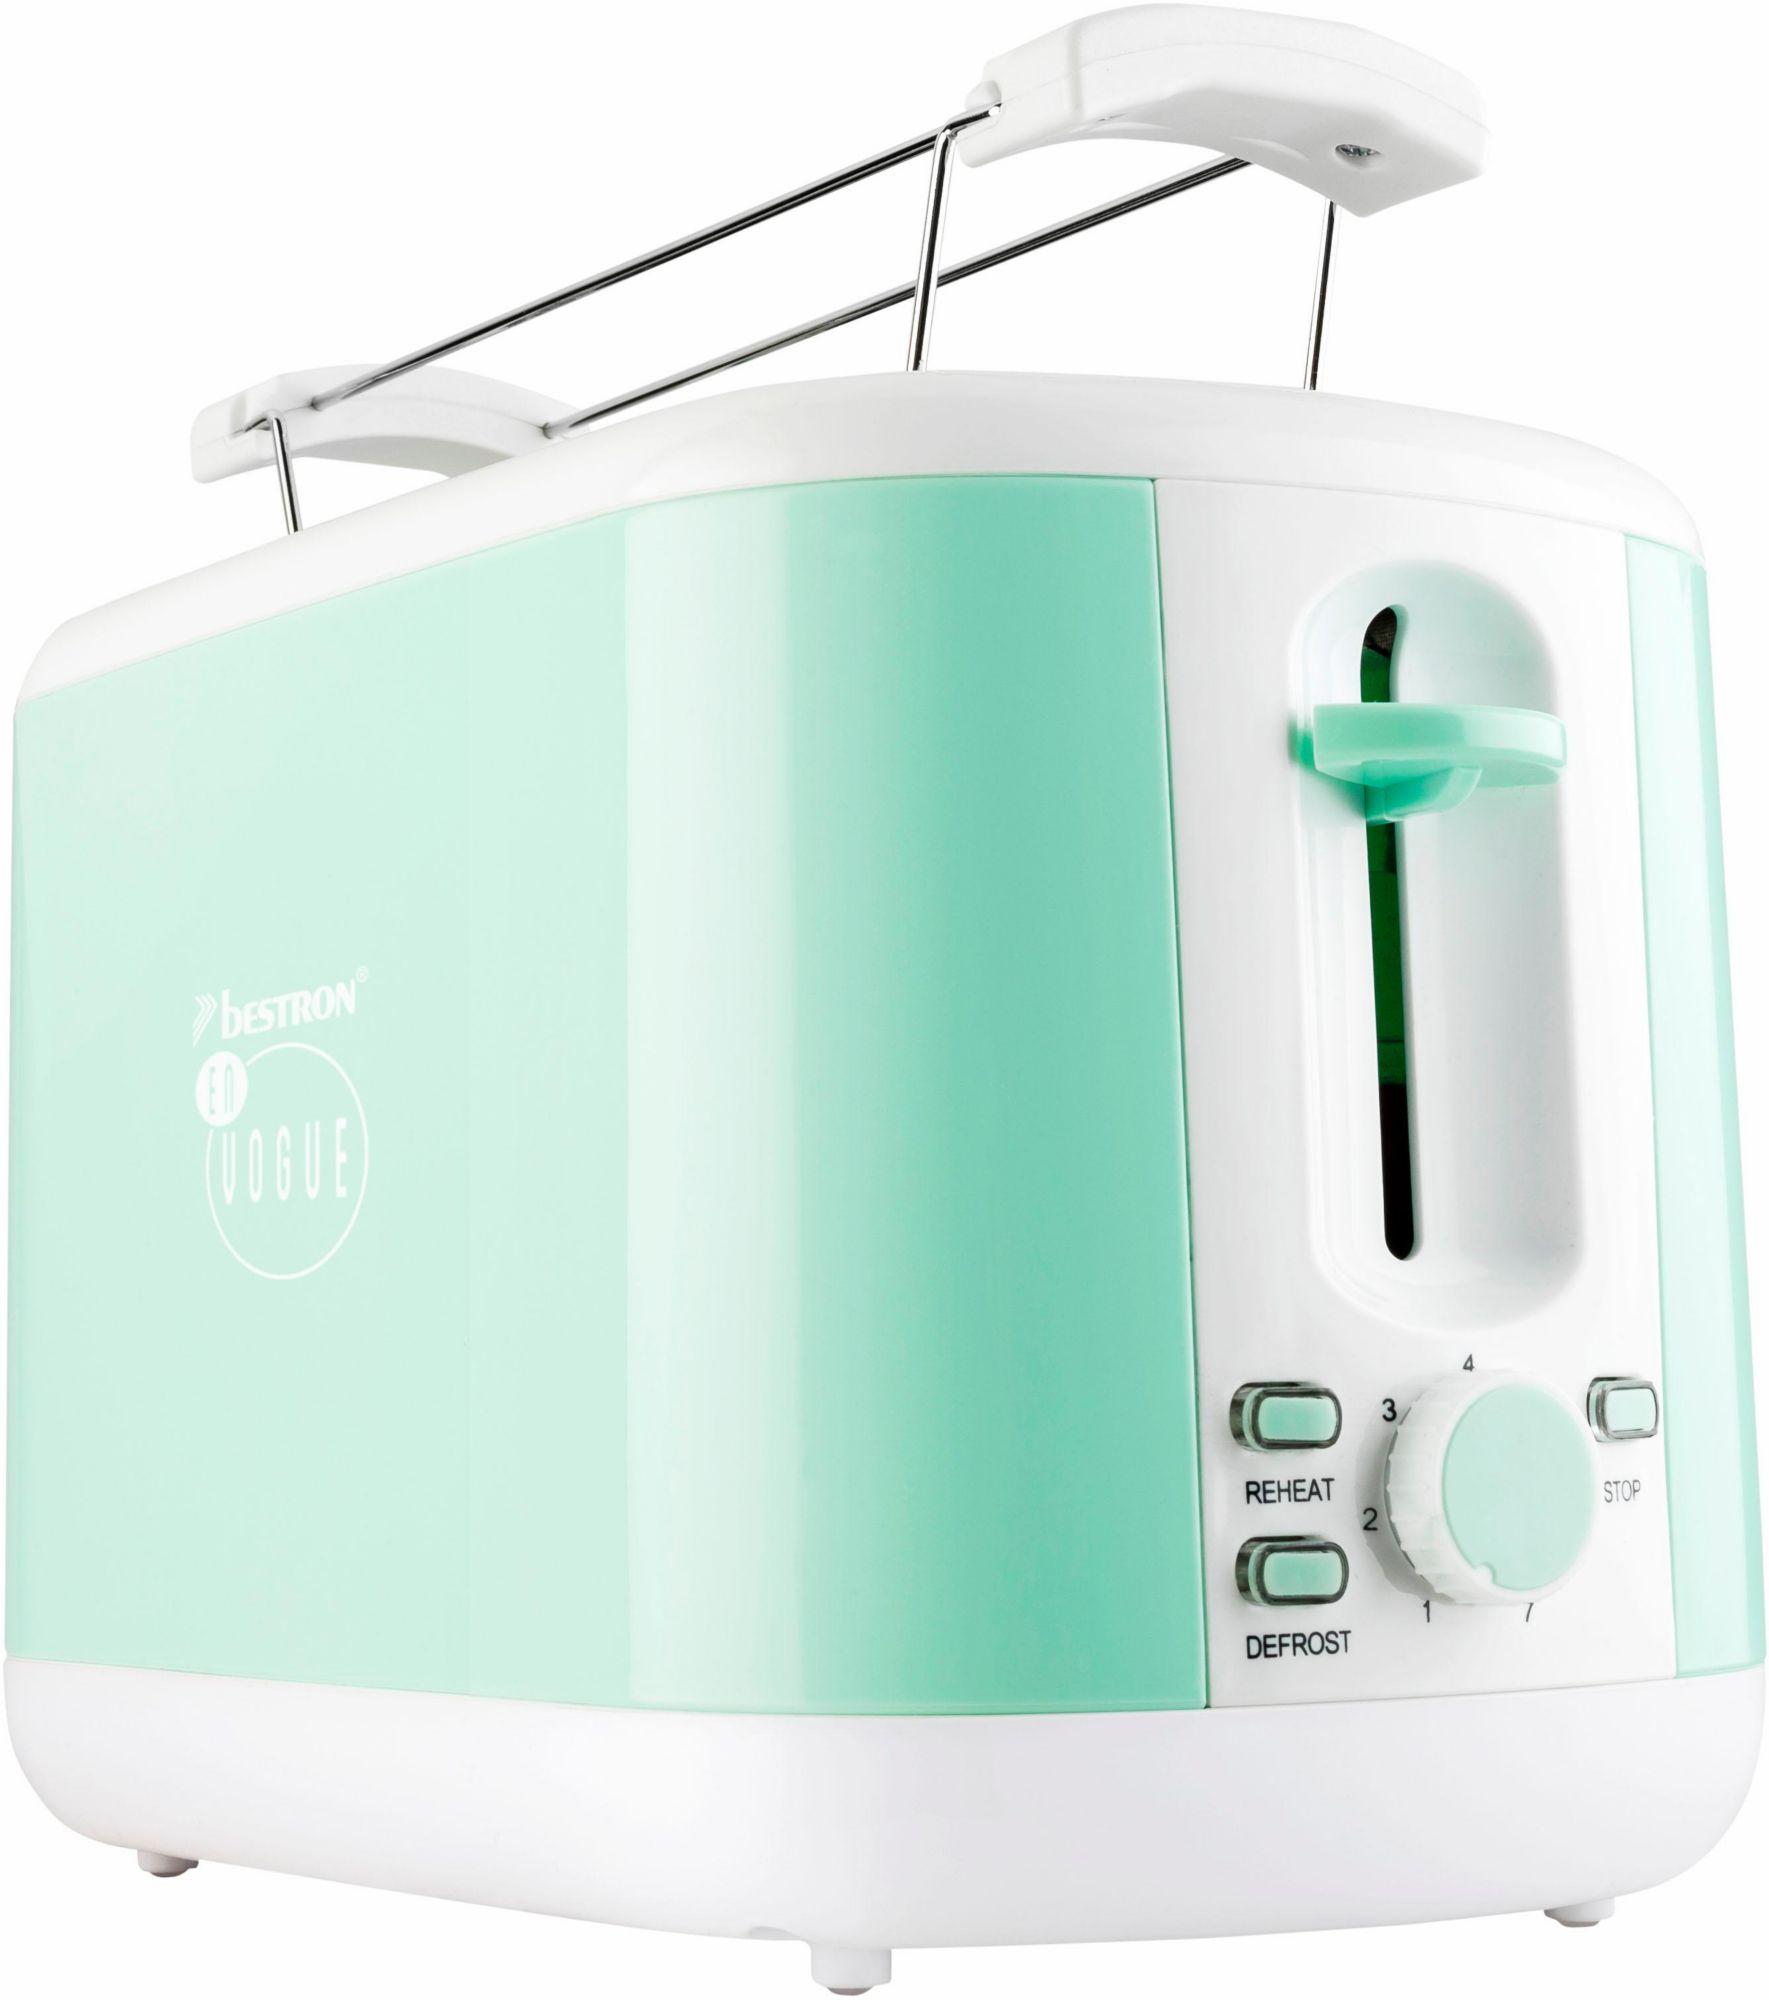 BESTRON Bestron Toaster ATS300EVM, für 2 Scheiben, mint